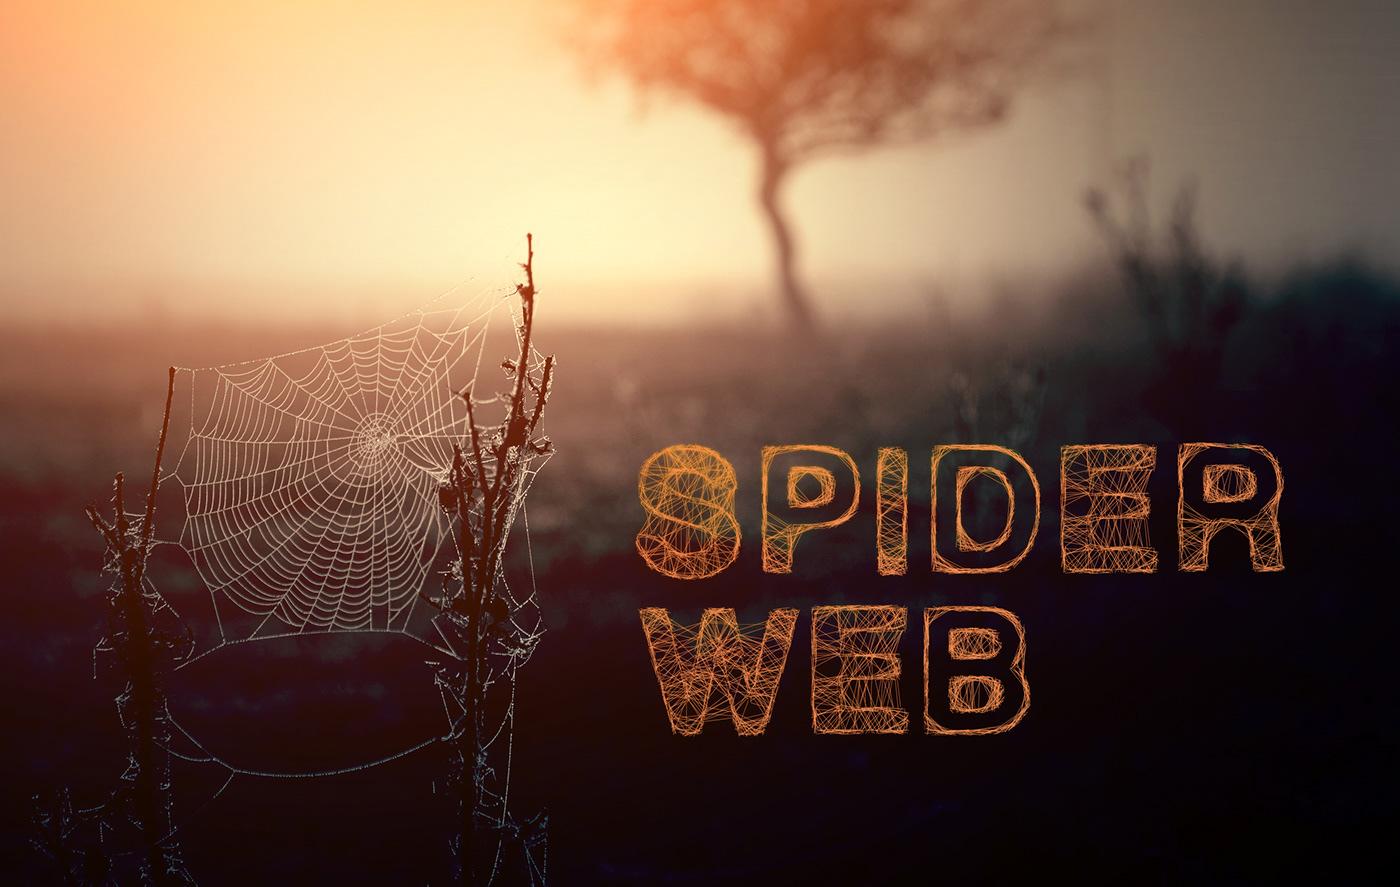 spider font type helvetica Helvetica-bold